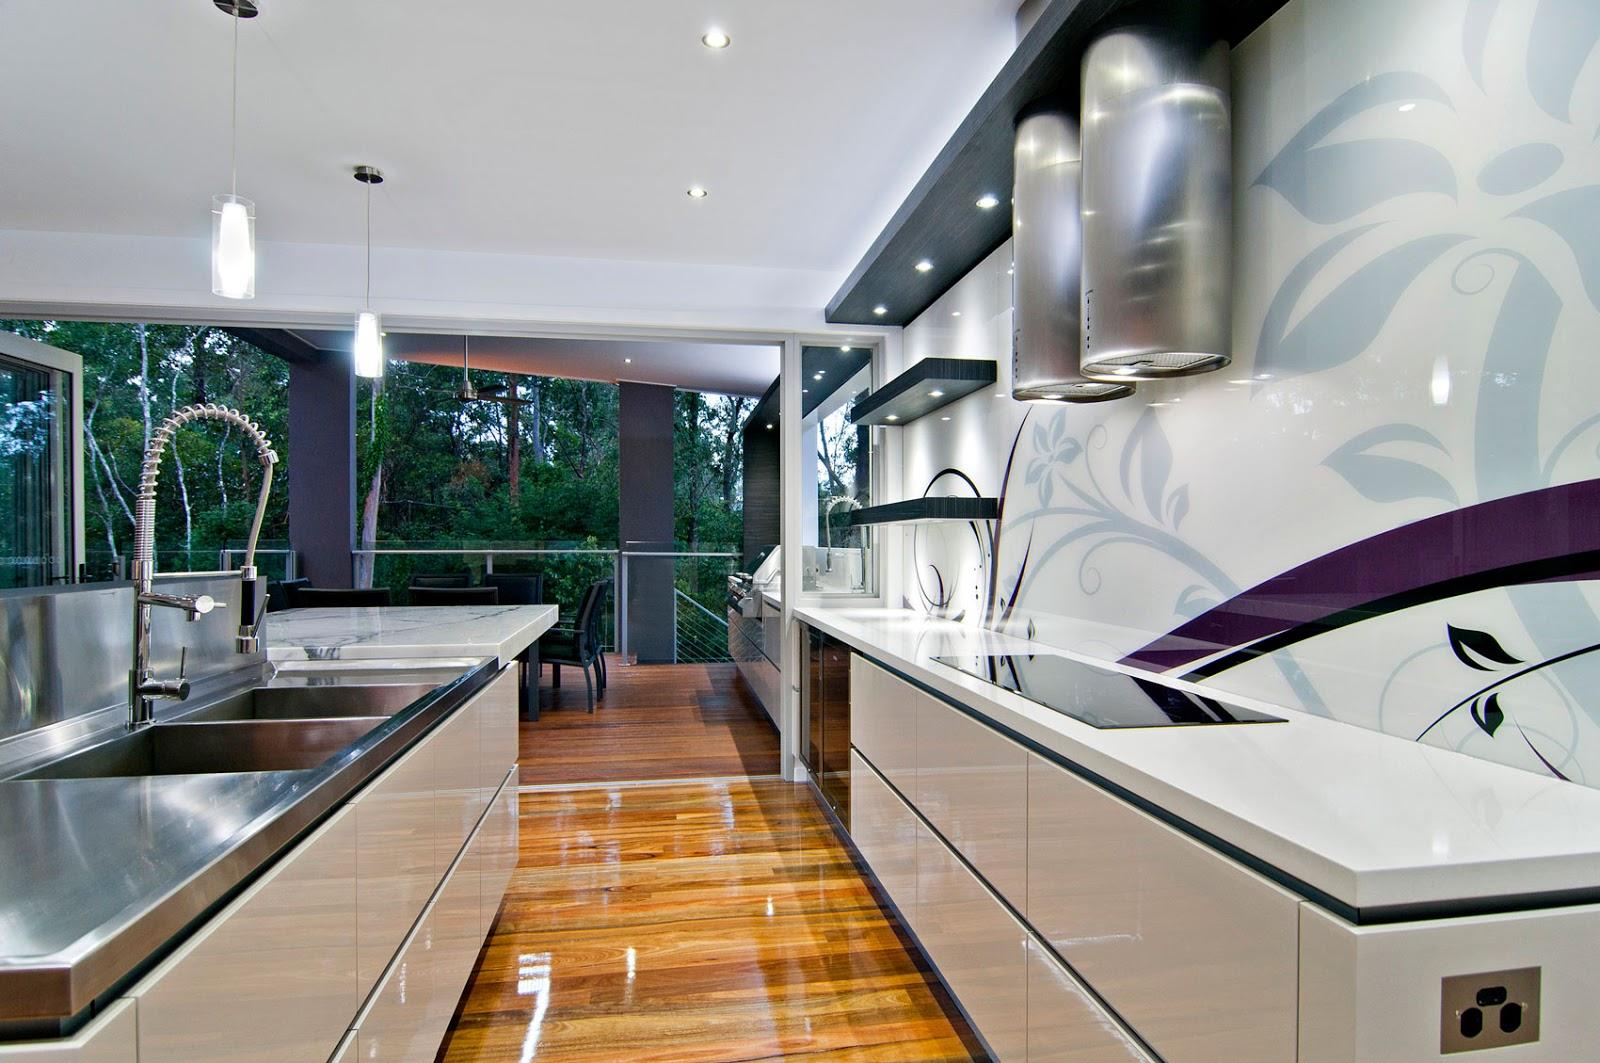 Cocinas Brisbane, remodelación de la cocina de Brisbane, Brisbane Cocina Diseño - Architectural Sublime (diseño diseño de baño, diseño de la cocina cuarto de baño)